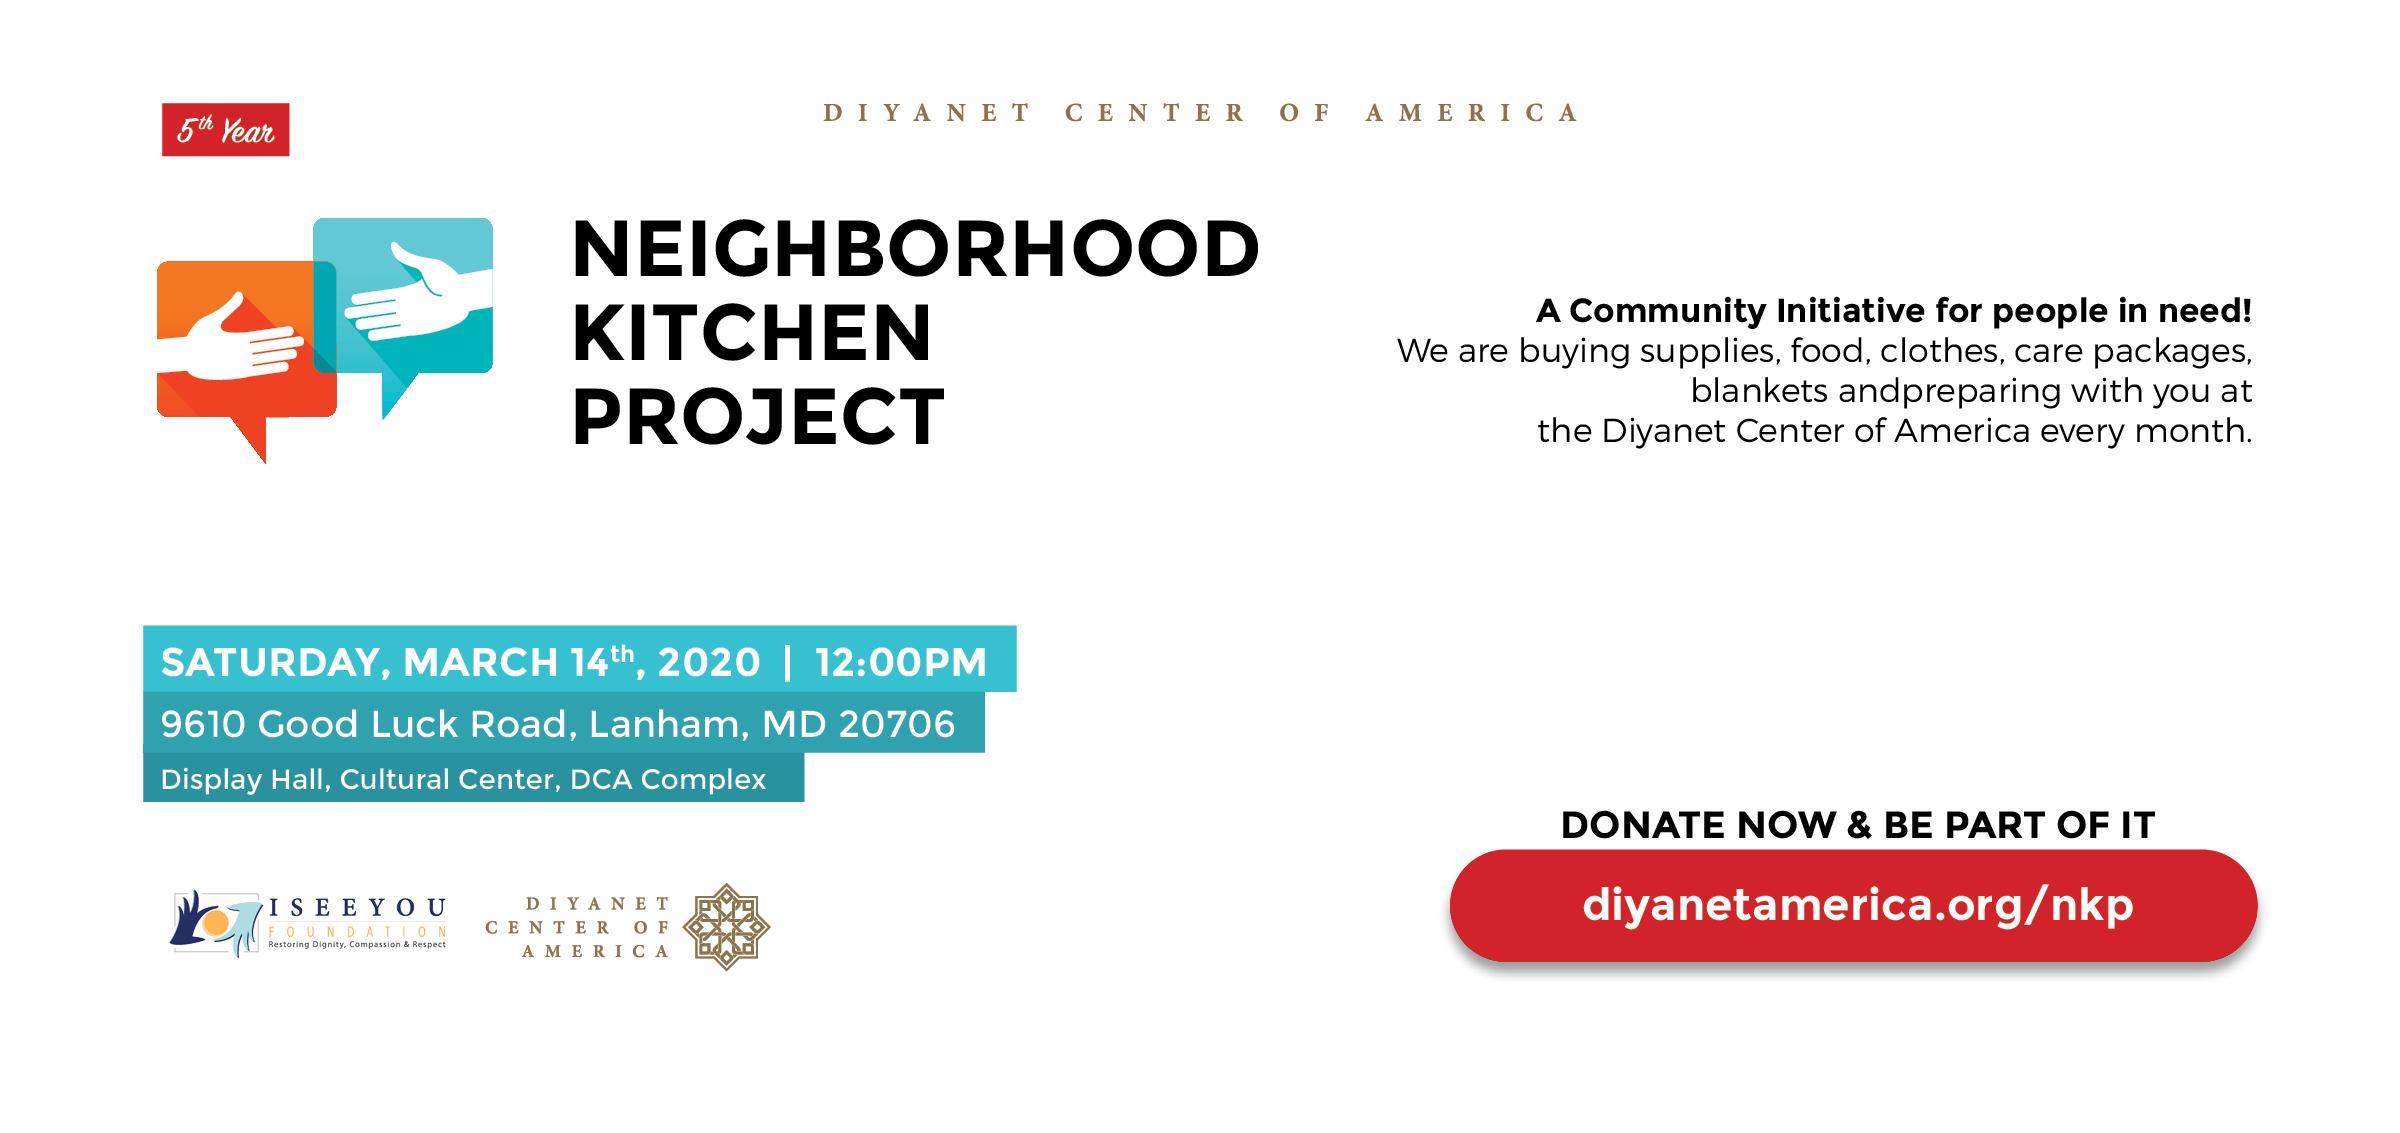 Neighborhood Kitchen Project